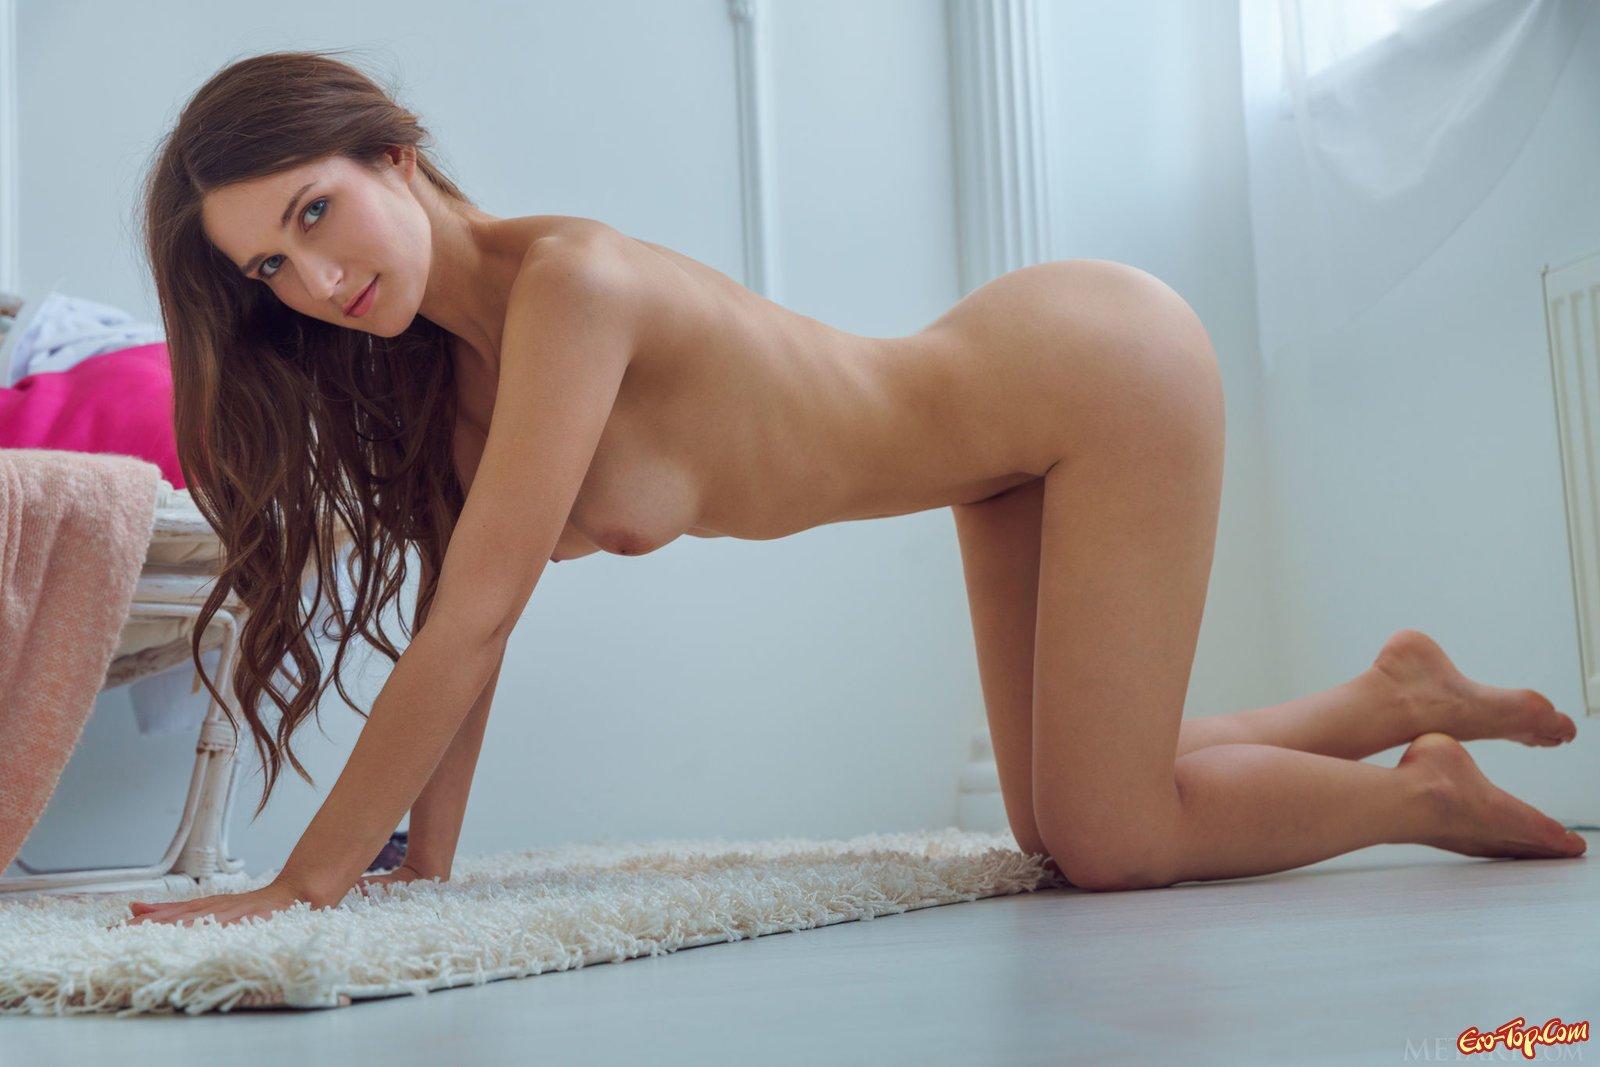 Кобыла показала восхитительные сиськи секс фото